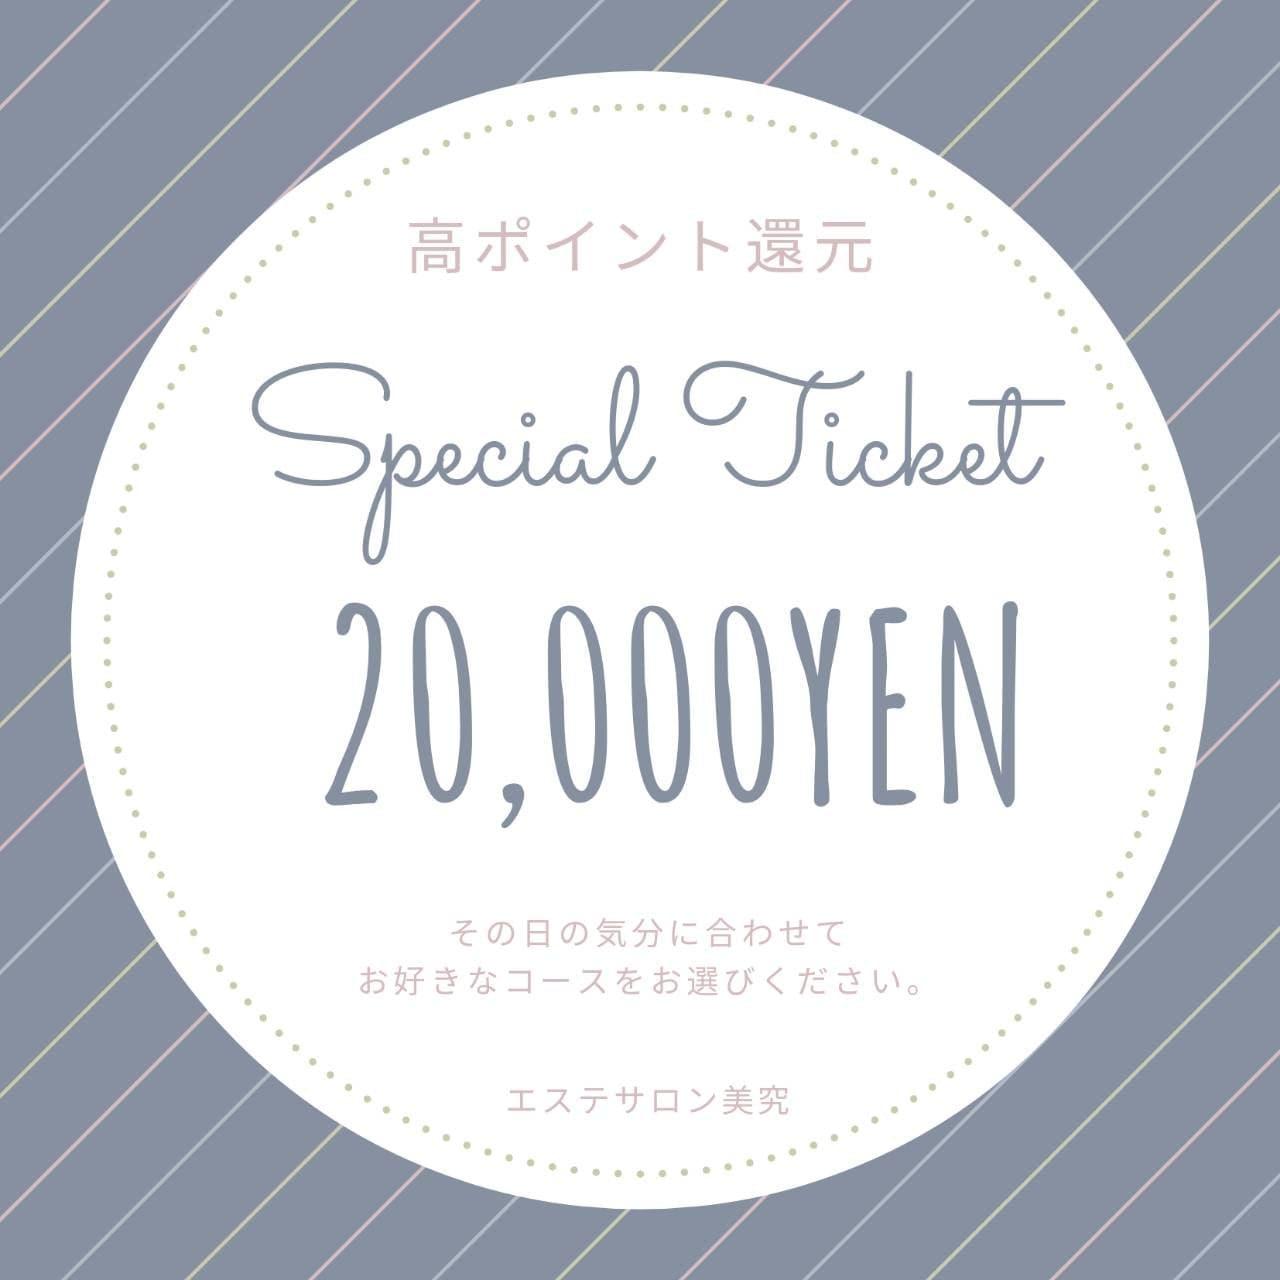 【高ポイント還元】スペシャルticket  20,000 円分のイメージその1